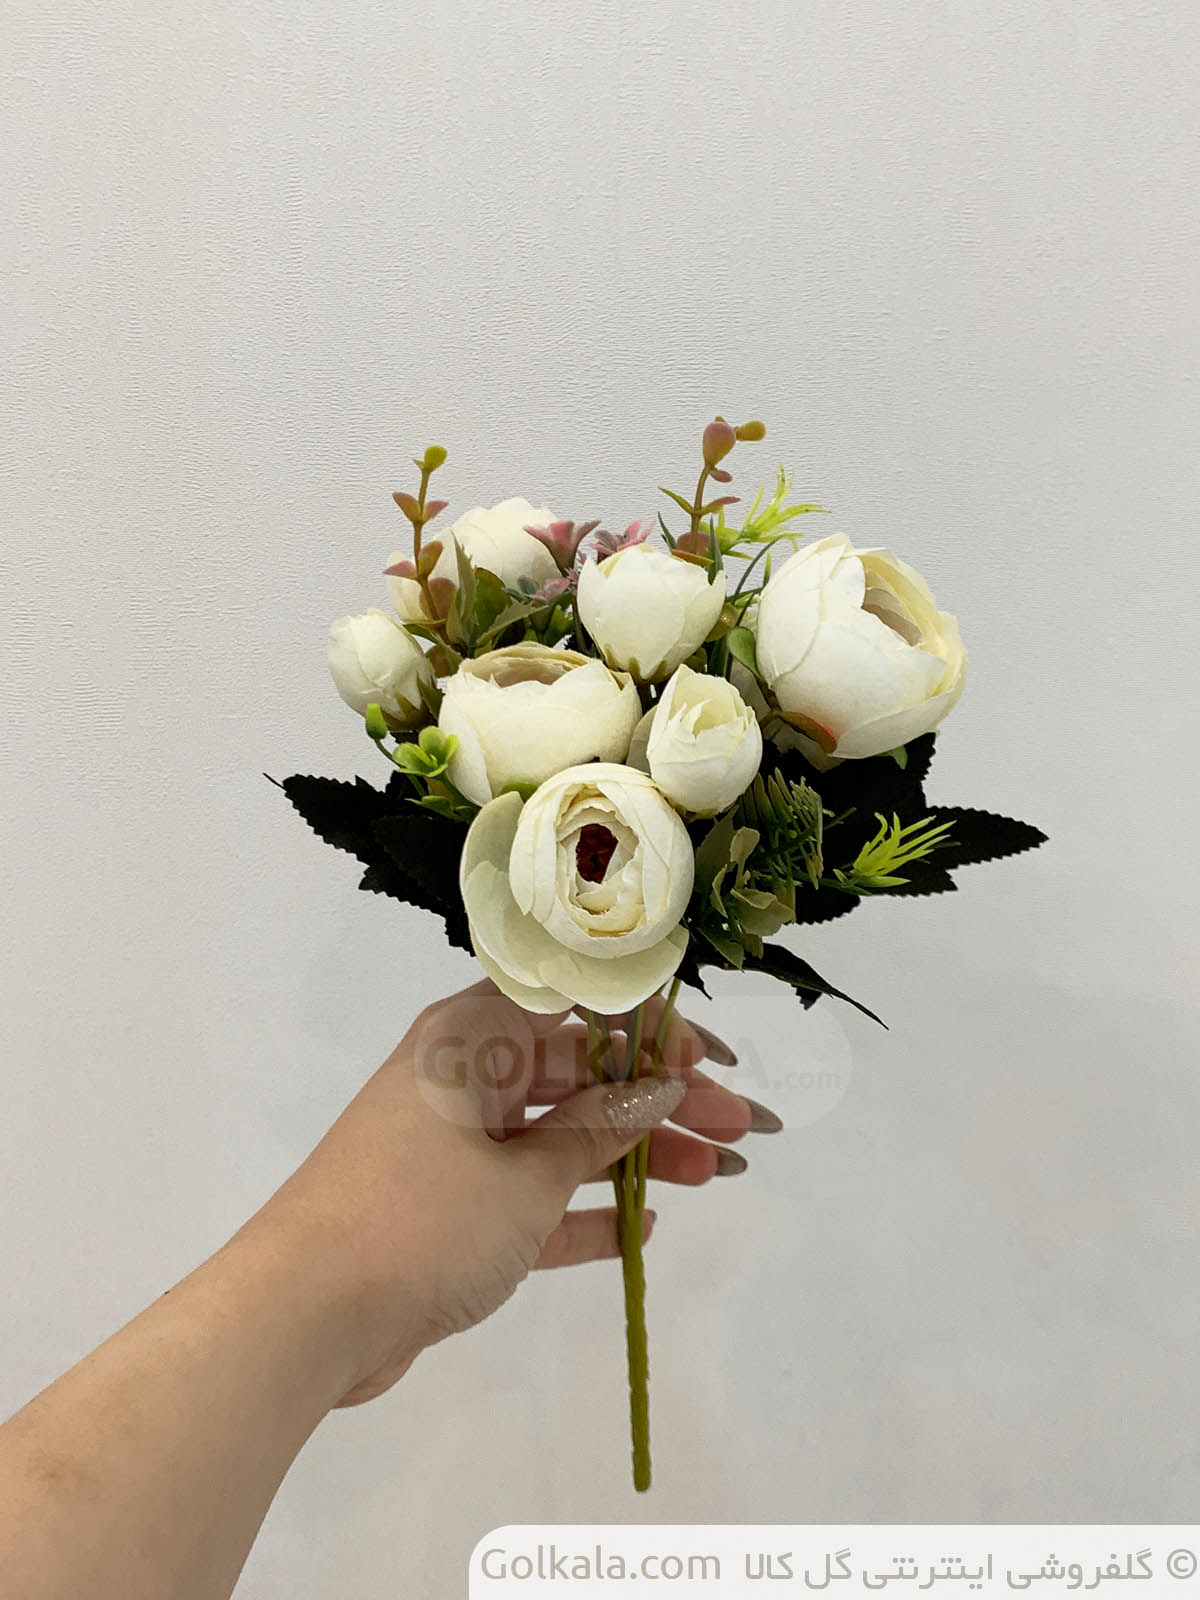 شاخه گل پیونی سفید گل کالا